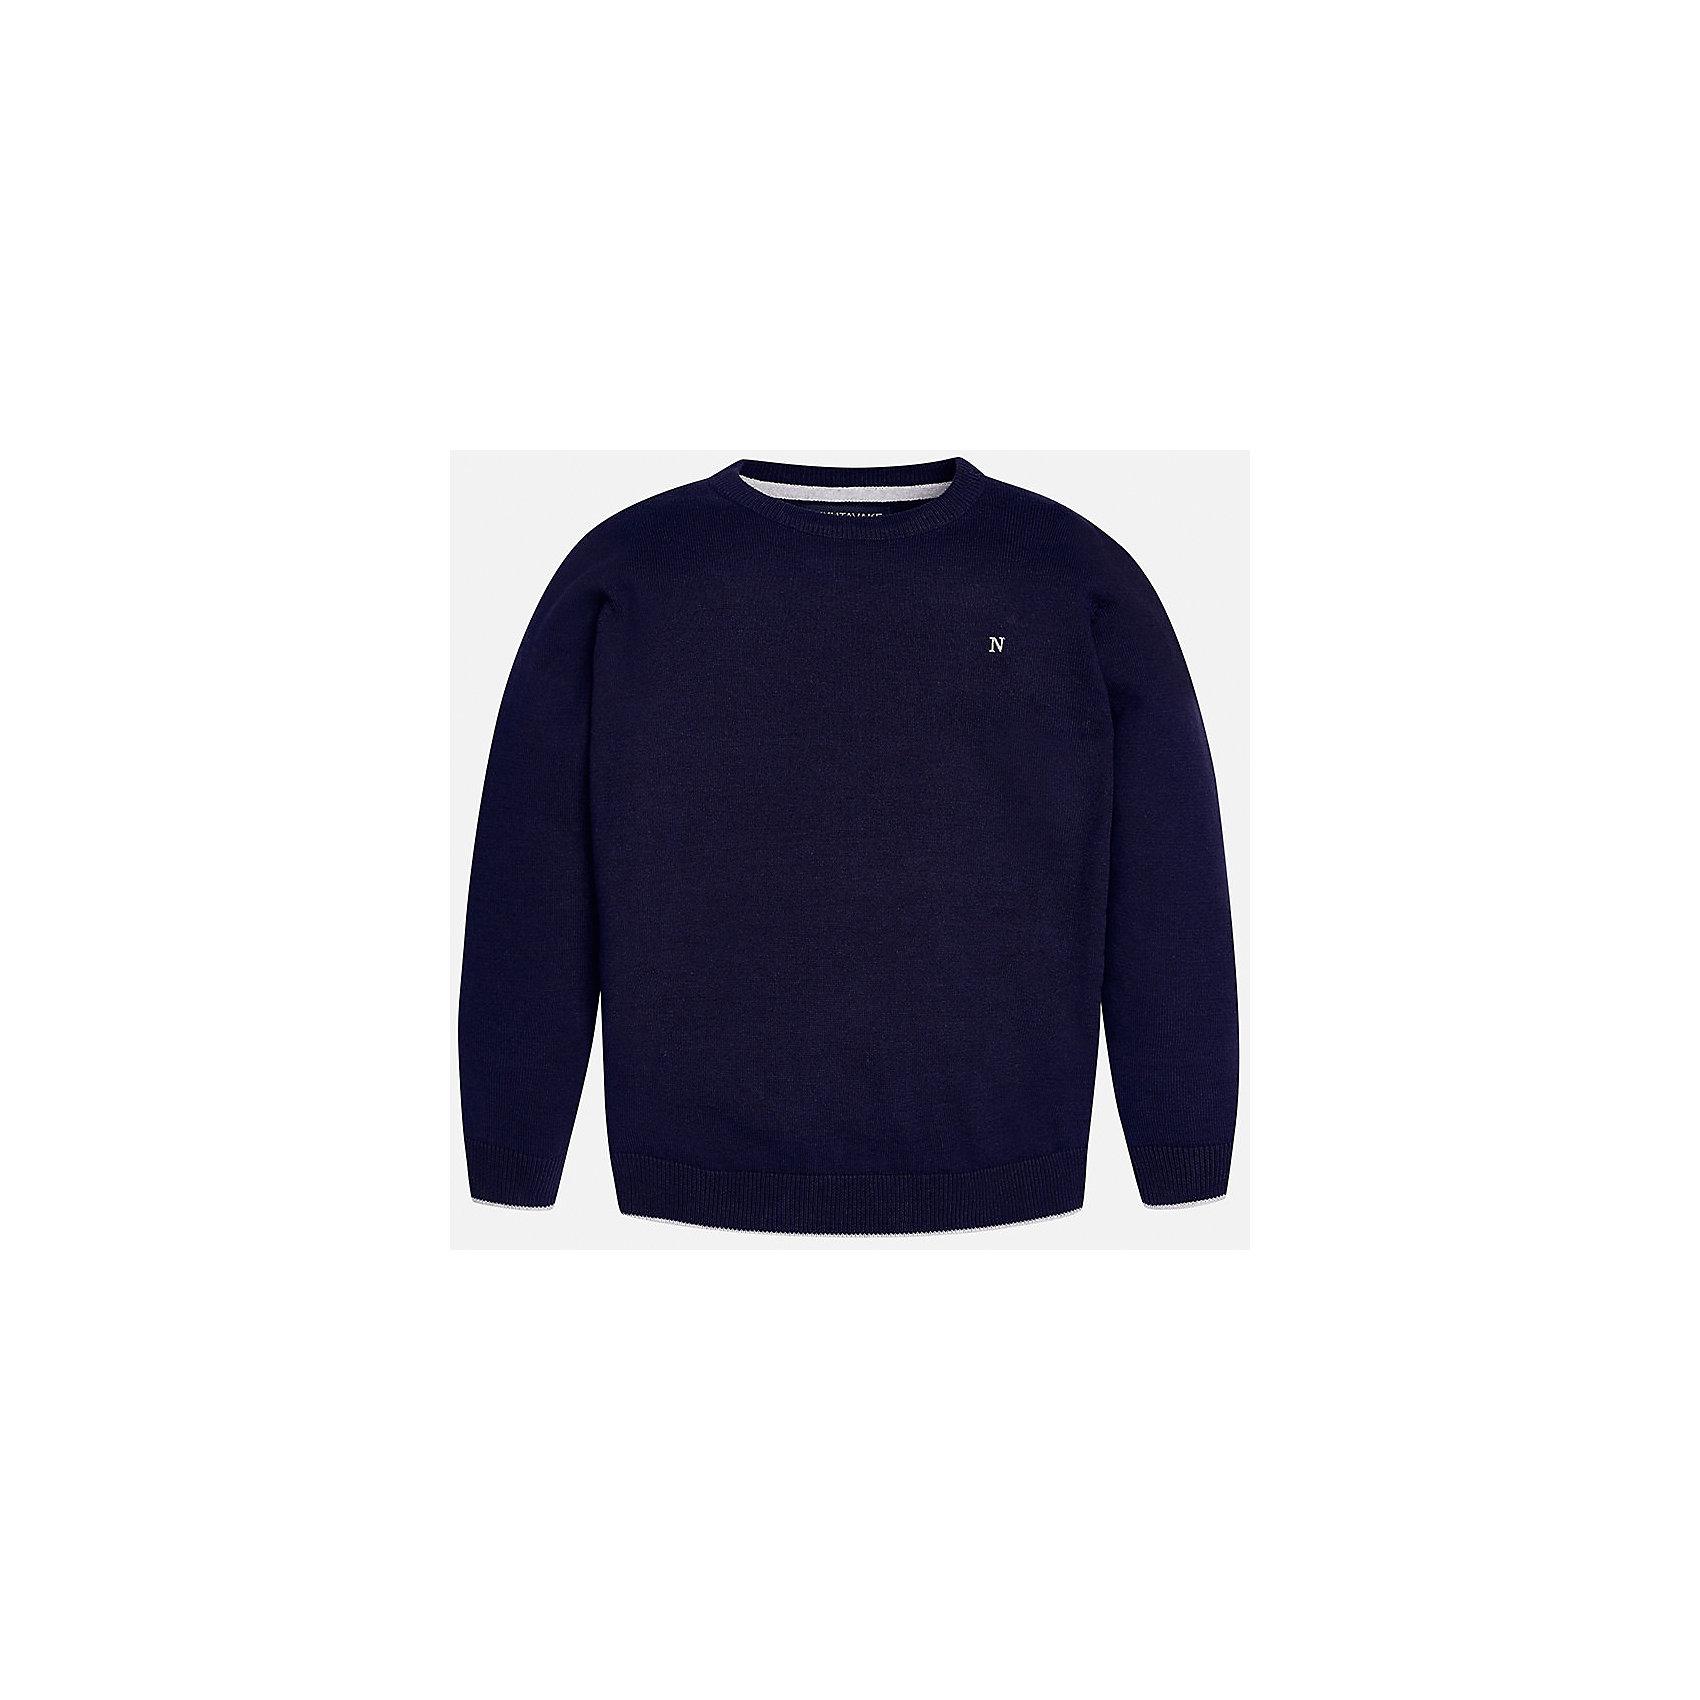 Свитер для мальчика MayoralСвитера и кардиганы<br>Красивый хлопковый свитер, с окантовкой внизу в виде трех серых полосок. Свитер хорошо садится и не тянется со временем.<br><br>Дополнительная информация:<br><br>- Прямой крой. <br>- Страна бренда: Испания.<br>- Состав: хлопок 100%<br>- Цвет: красный.<br>- Уход: бережная стирка при 30 градусах.<br><br>Купить свитер для мальчика Mayoral можно в нашем магазине.<br><br>Ширина мм: 190<br>Глубина мм: 74<br>Высота мм: 229<br>Вес г: 236<br>Цвет: коричневый<br>Возраст от месяцев: 108<br>Возраст до месяцев: 120<br>Пол: Мужской<br>Возраст: Детский<br>Размер: 134/140,128/134,146/152,152/158,164/170,158/164<br>SKU: 4821711